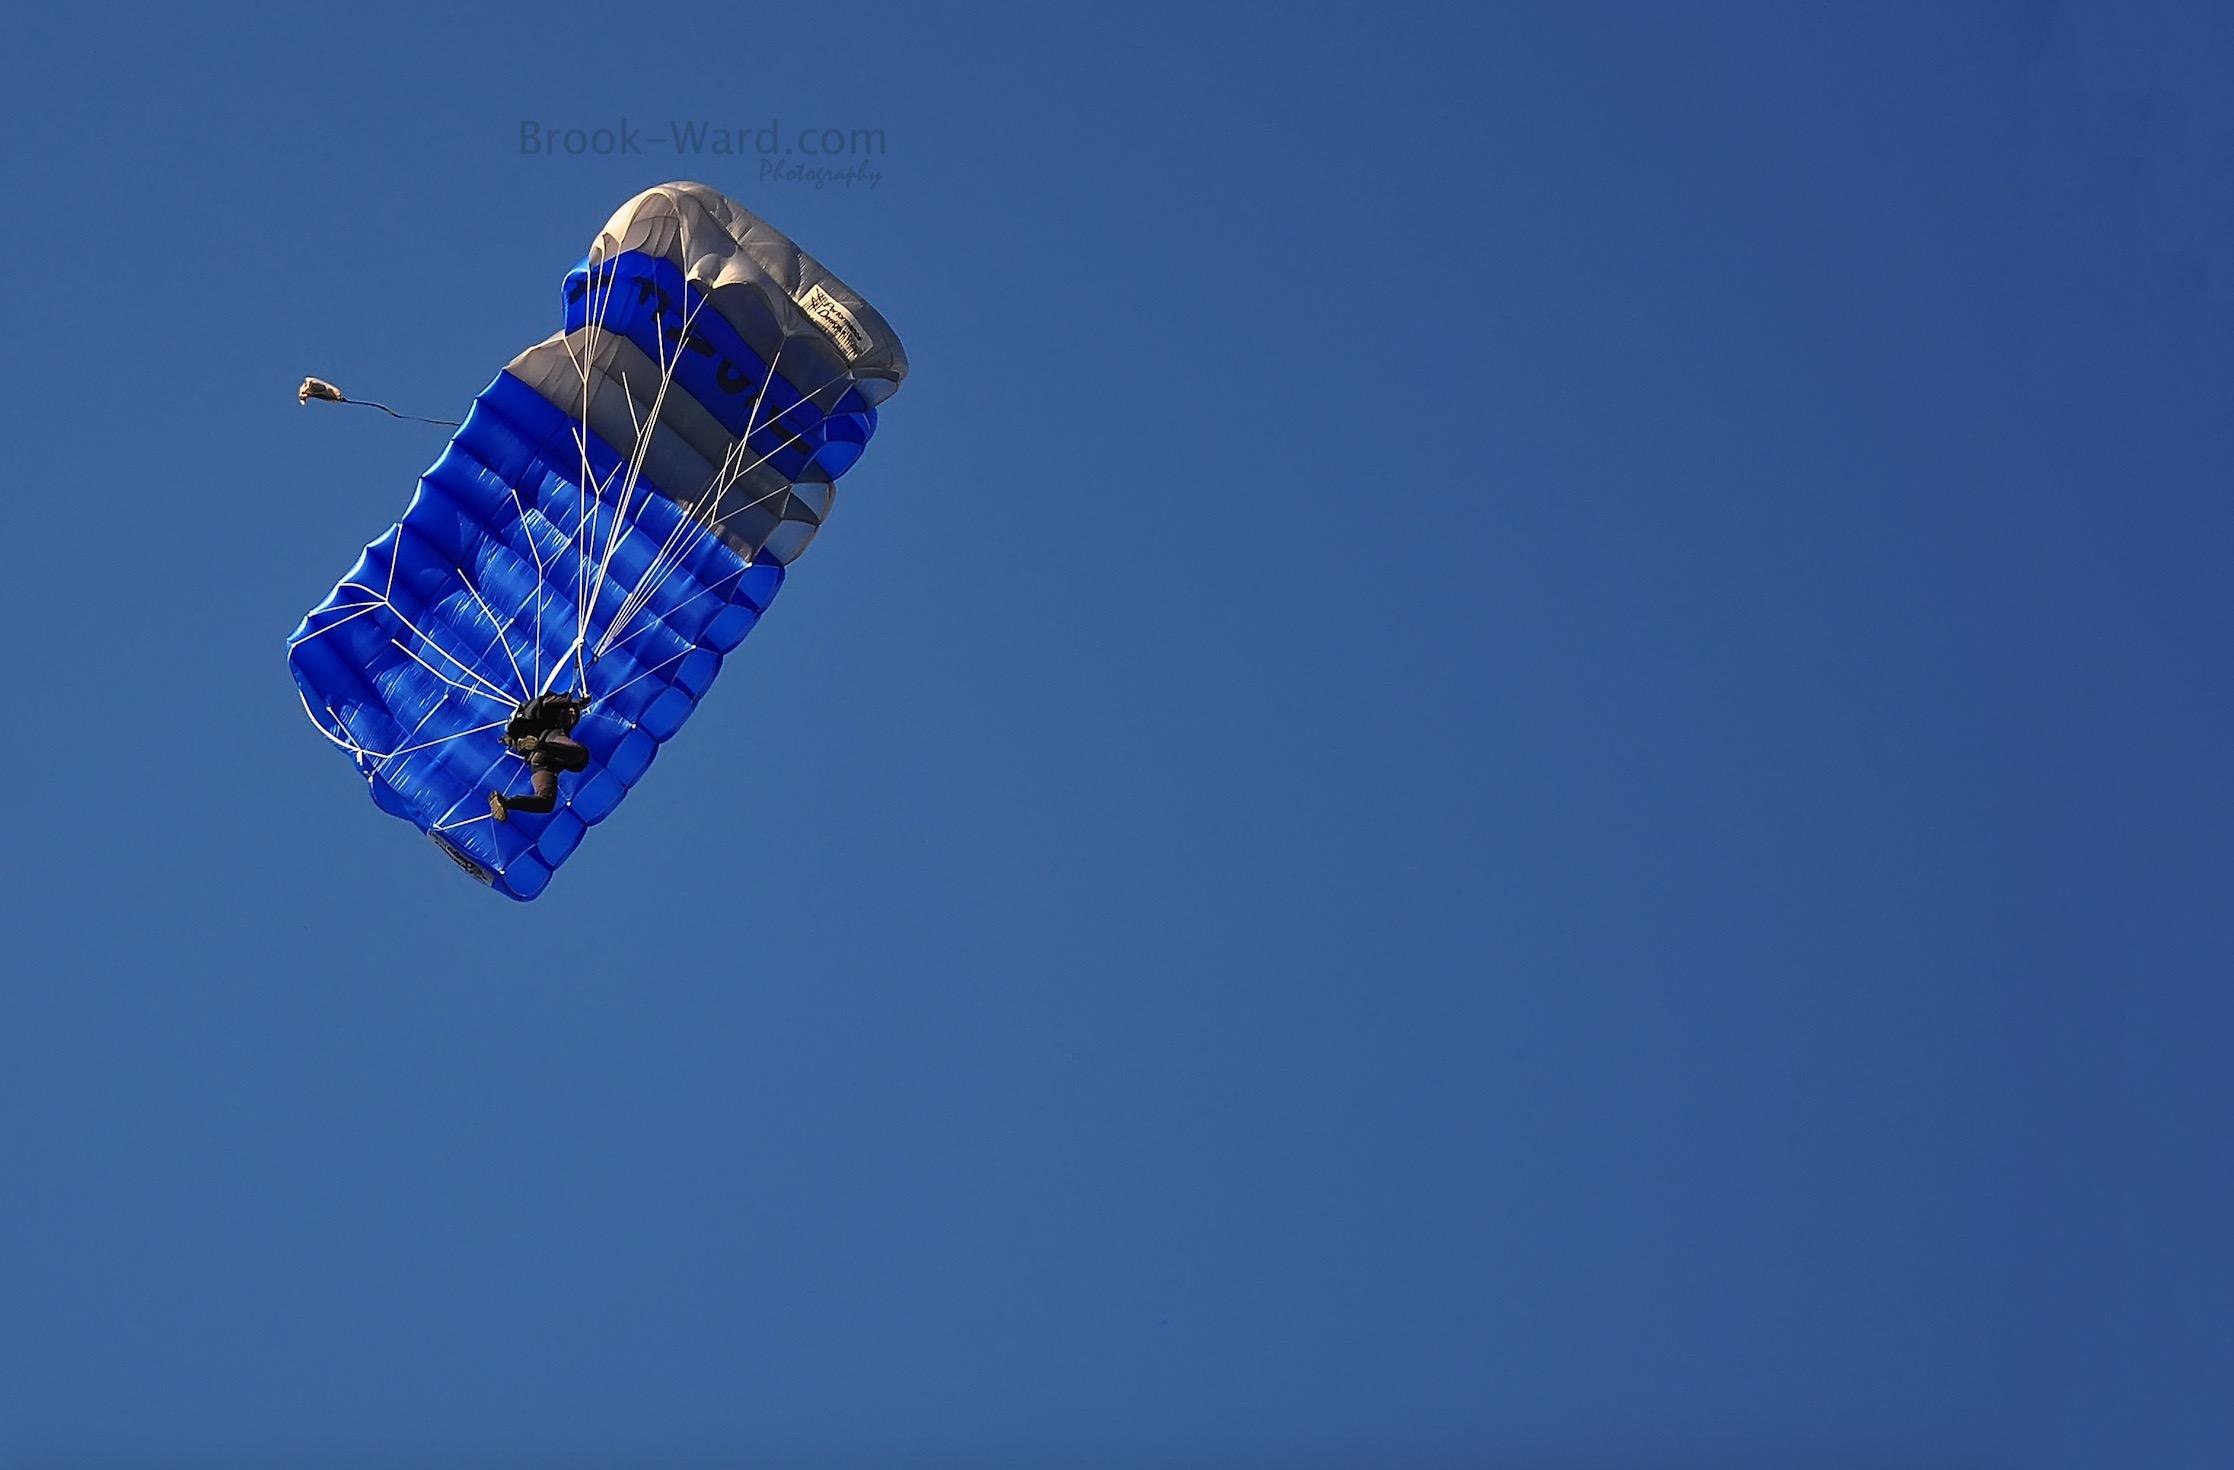 Minimalism - Parachute